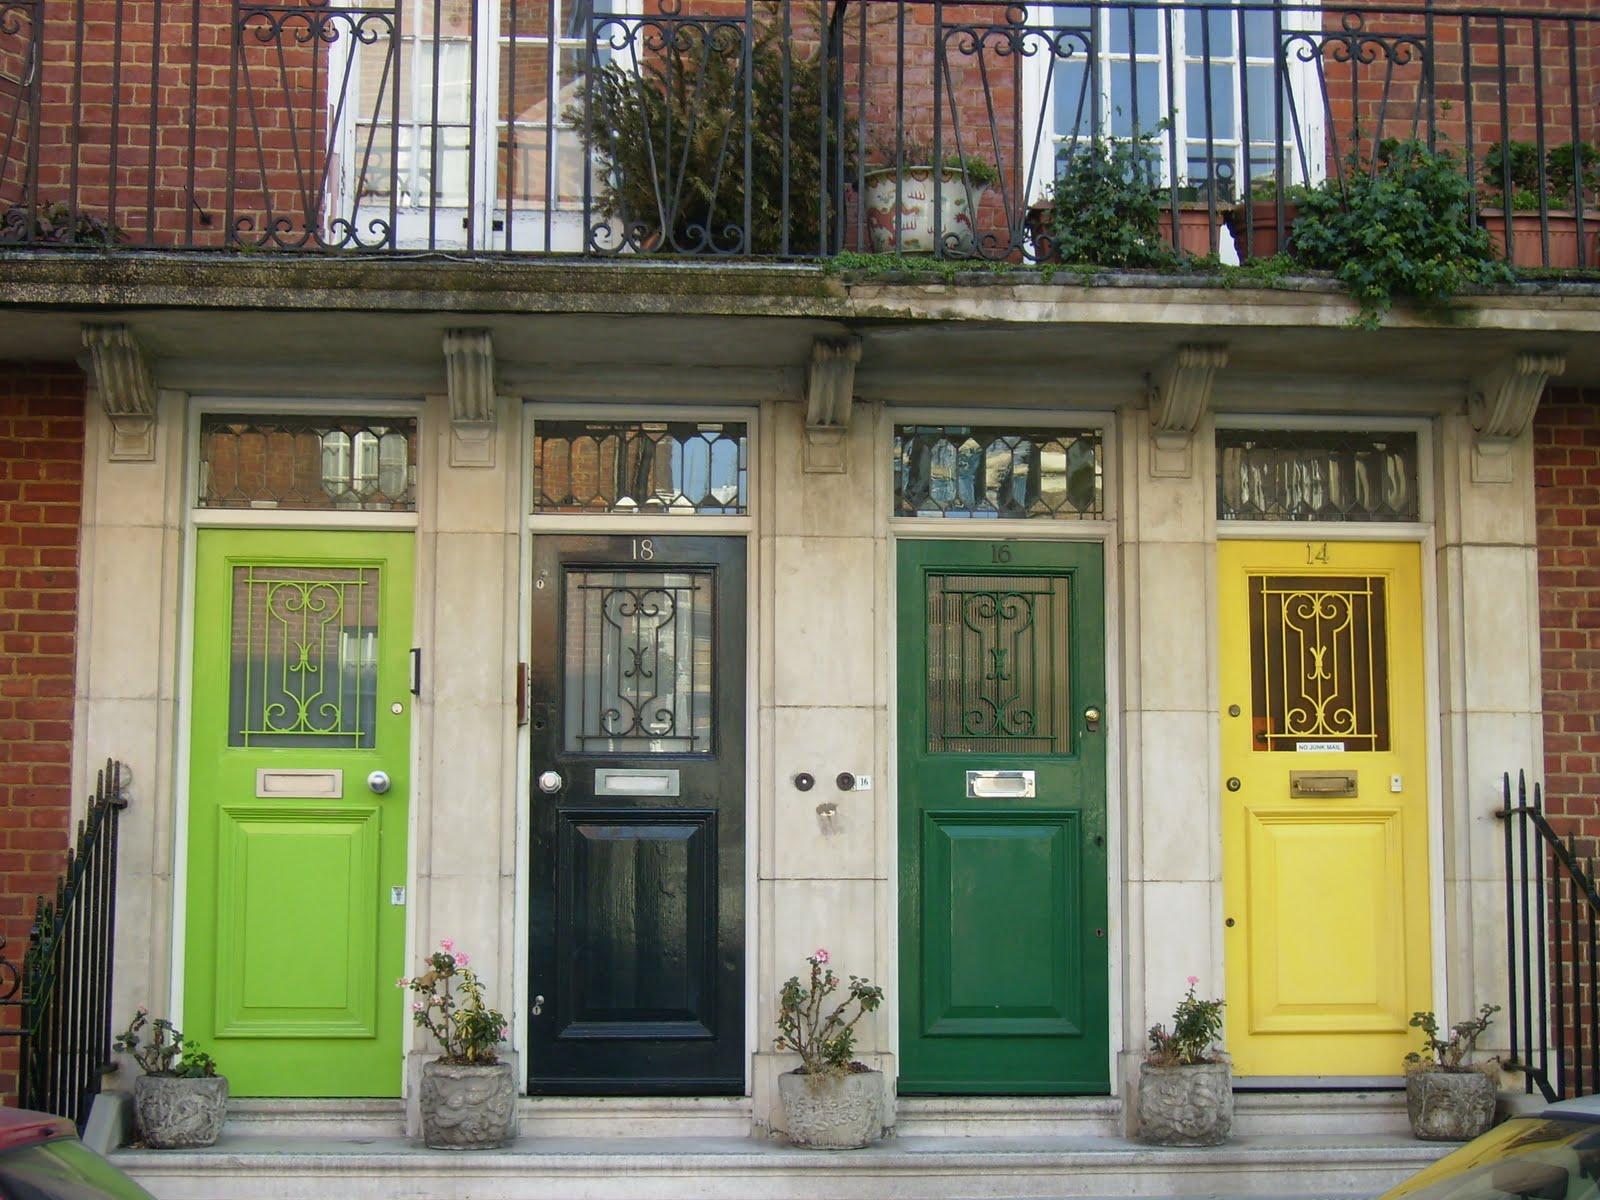 Cửa chính chỉ nên có một cái, càng nhiều cửa thì càng nhiều rủi ro